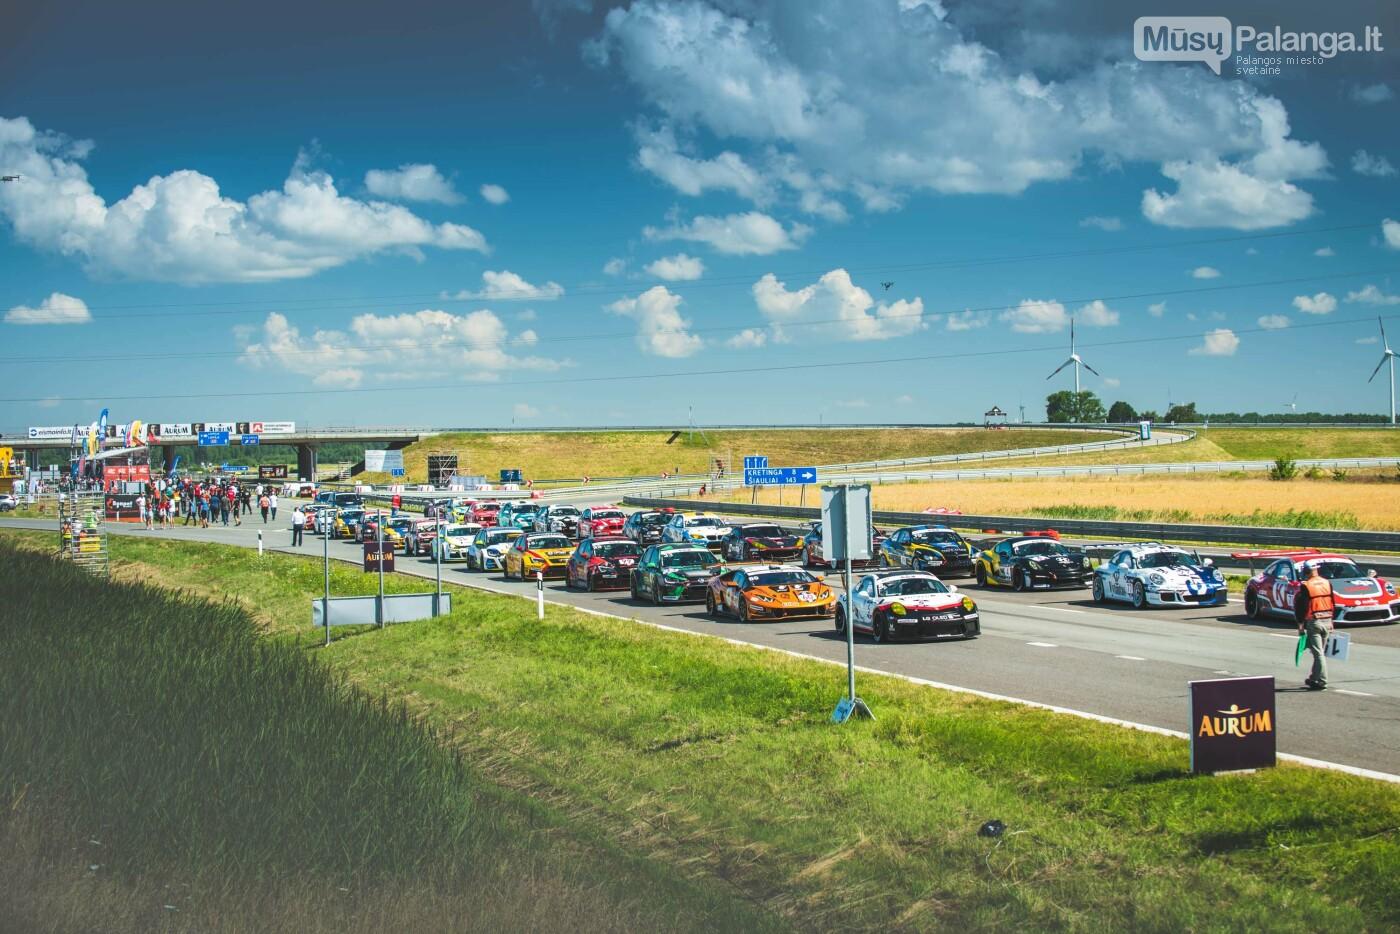 """Palangoje startavo """"Aurum 1006 km"""" lenktynės, nuotrauka-20, Vytauto PILKAUSKO ir Arno STRUMILOS nuotr."""